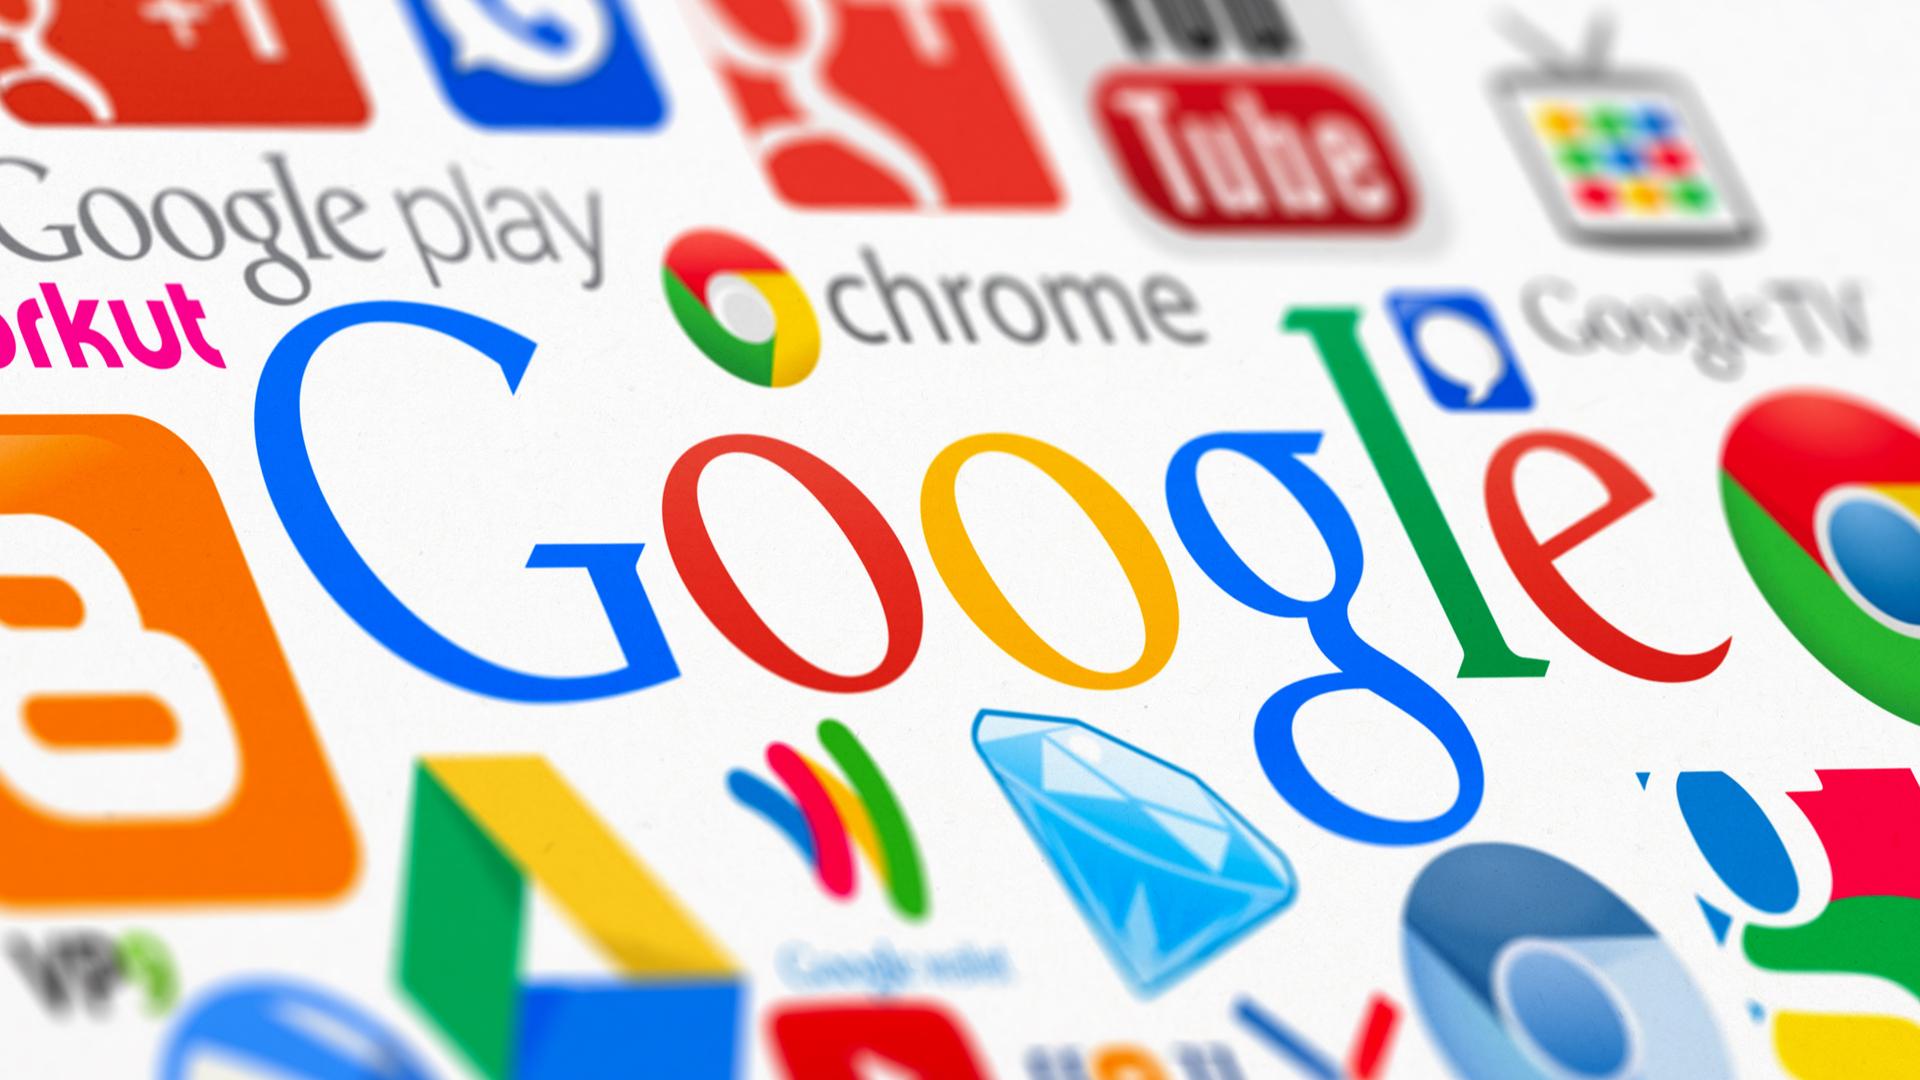 20'de Google: Bir arama motoru iş dünyasını nasıl değiştirdi? 1